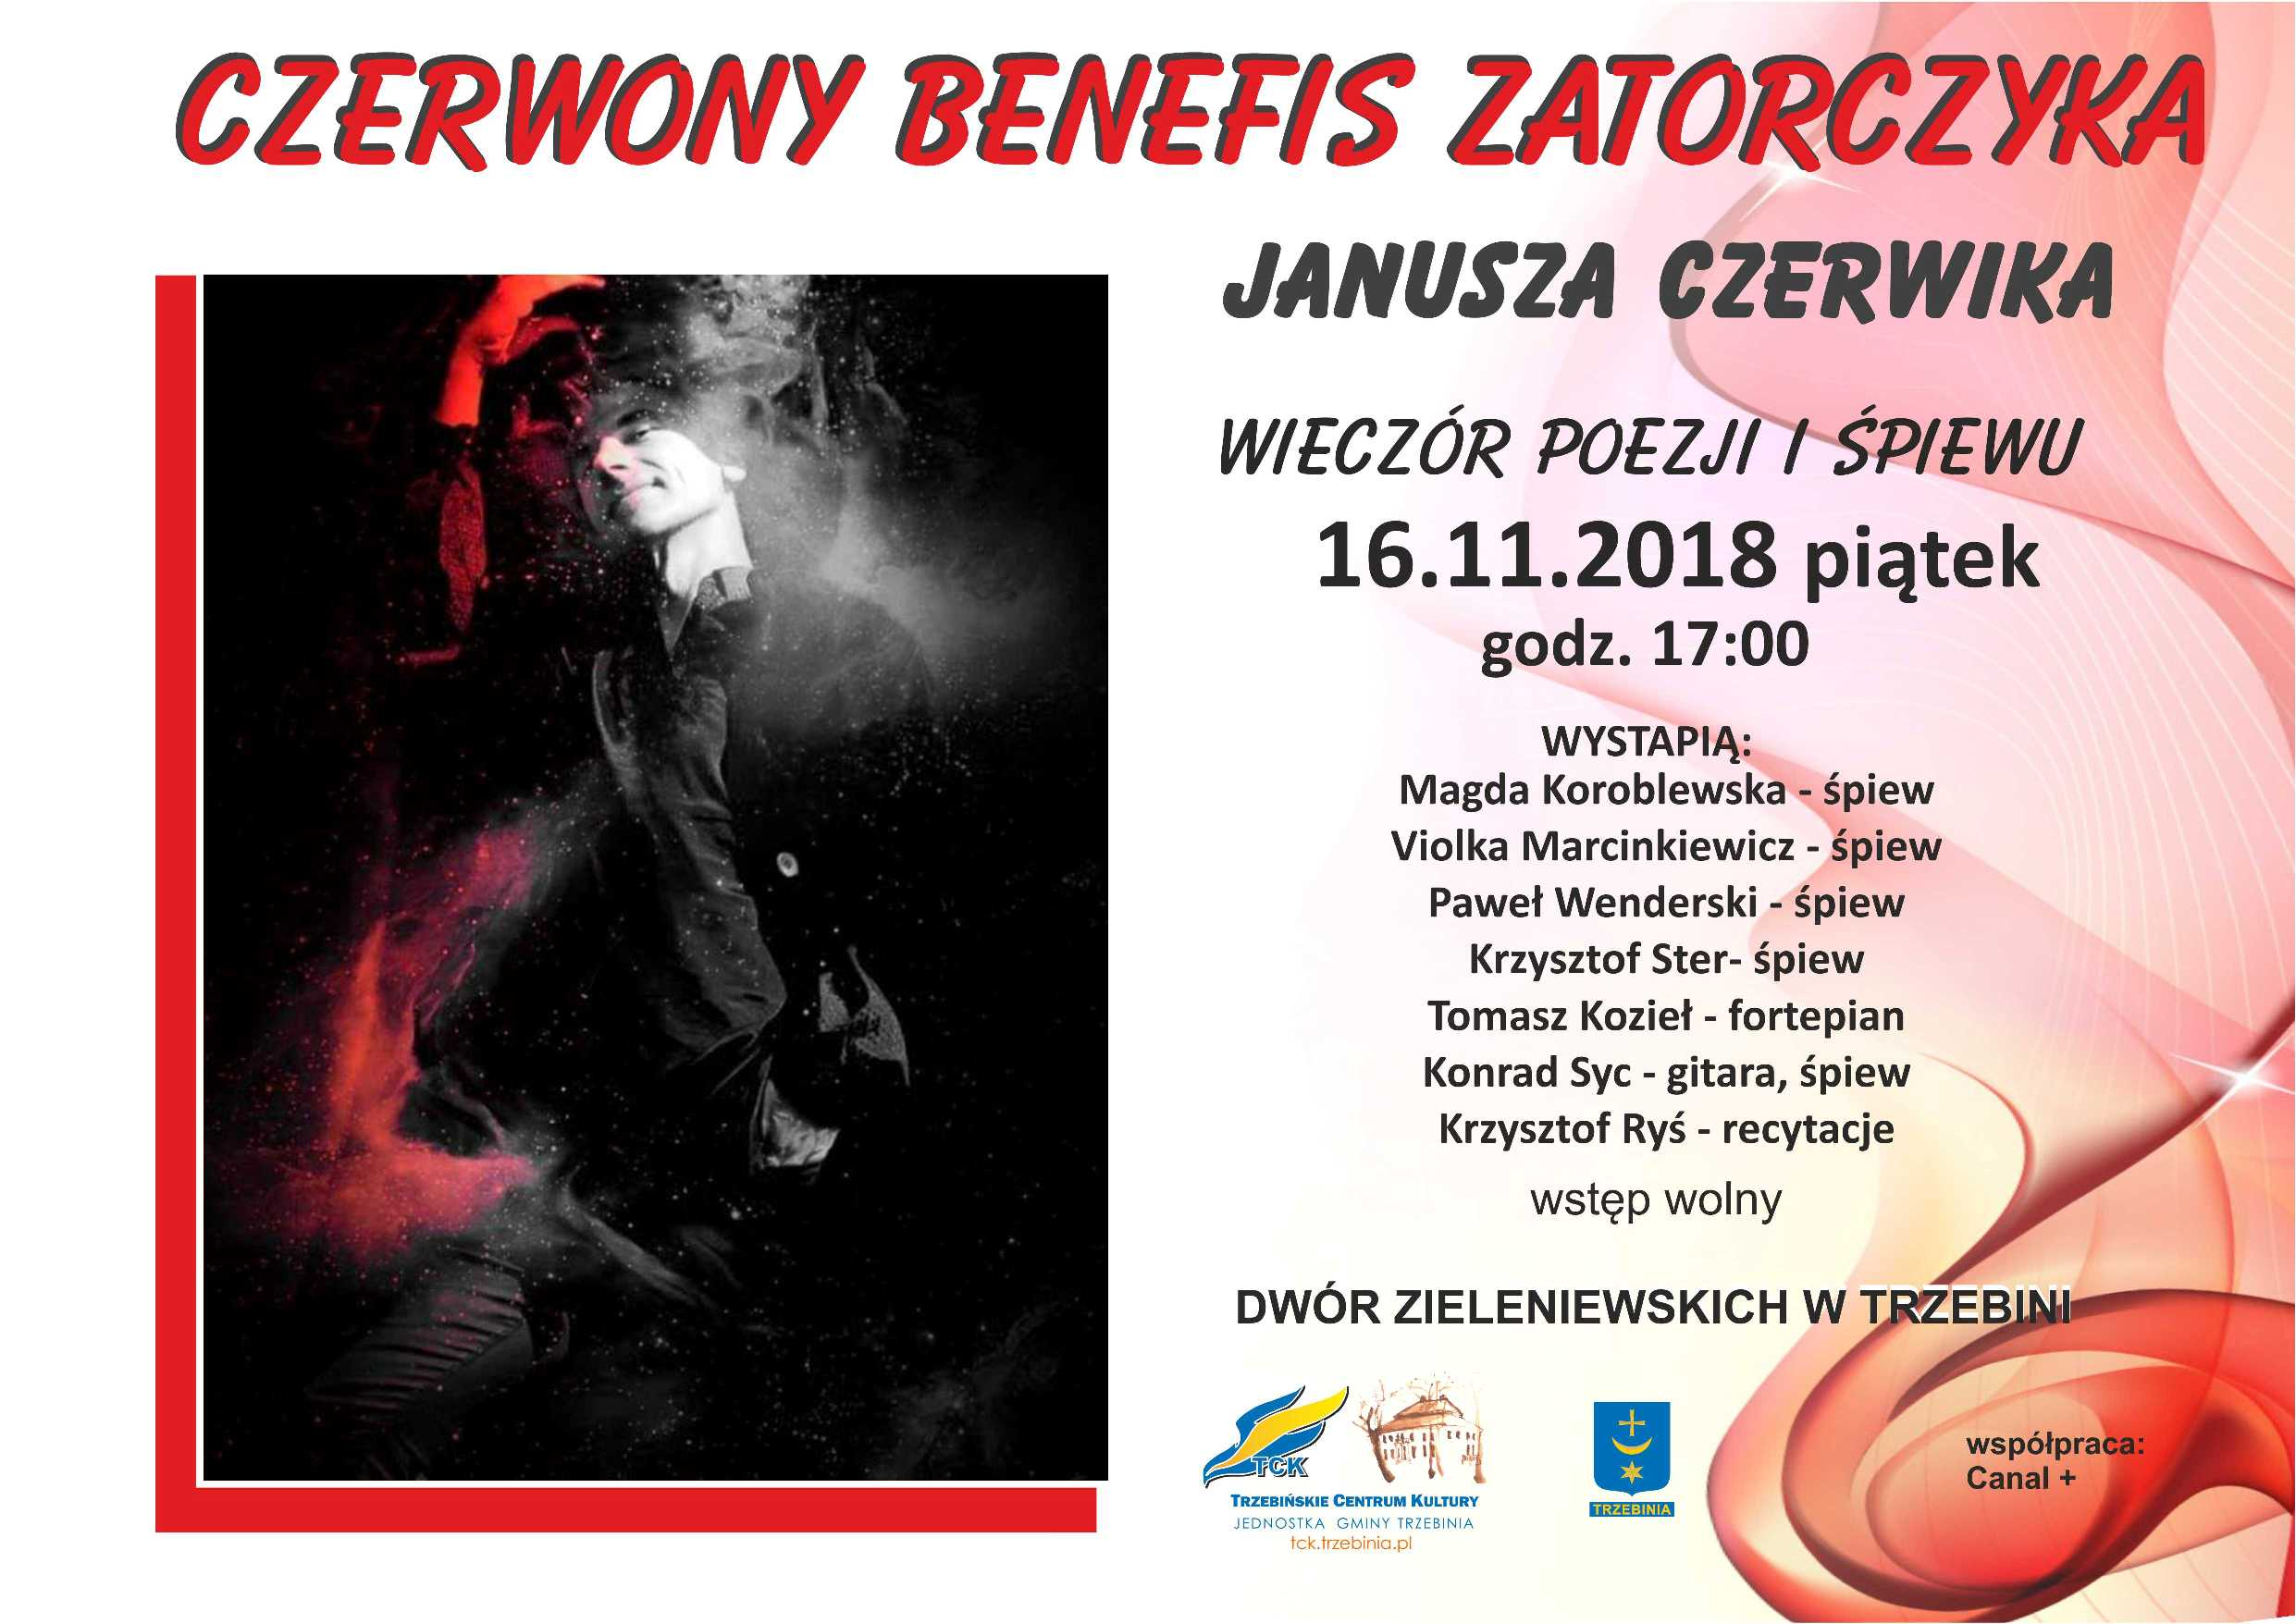 Wieczór poezji i śpiewu w Dworze Zieleniewskich